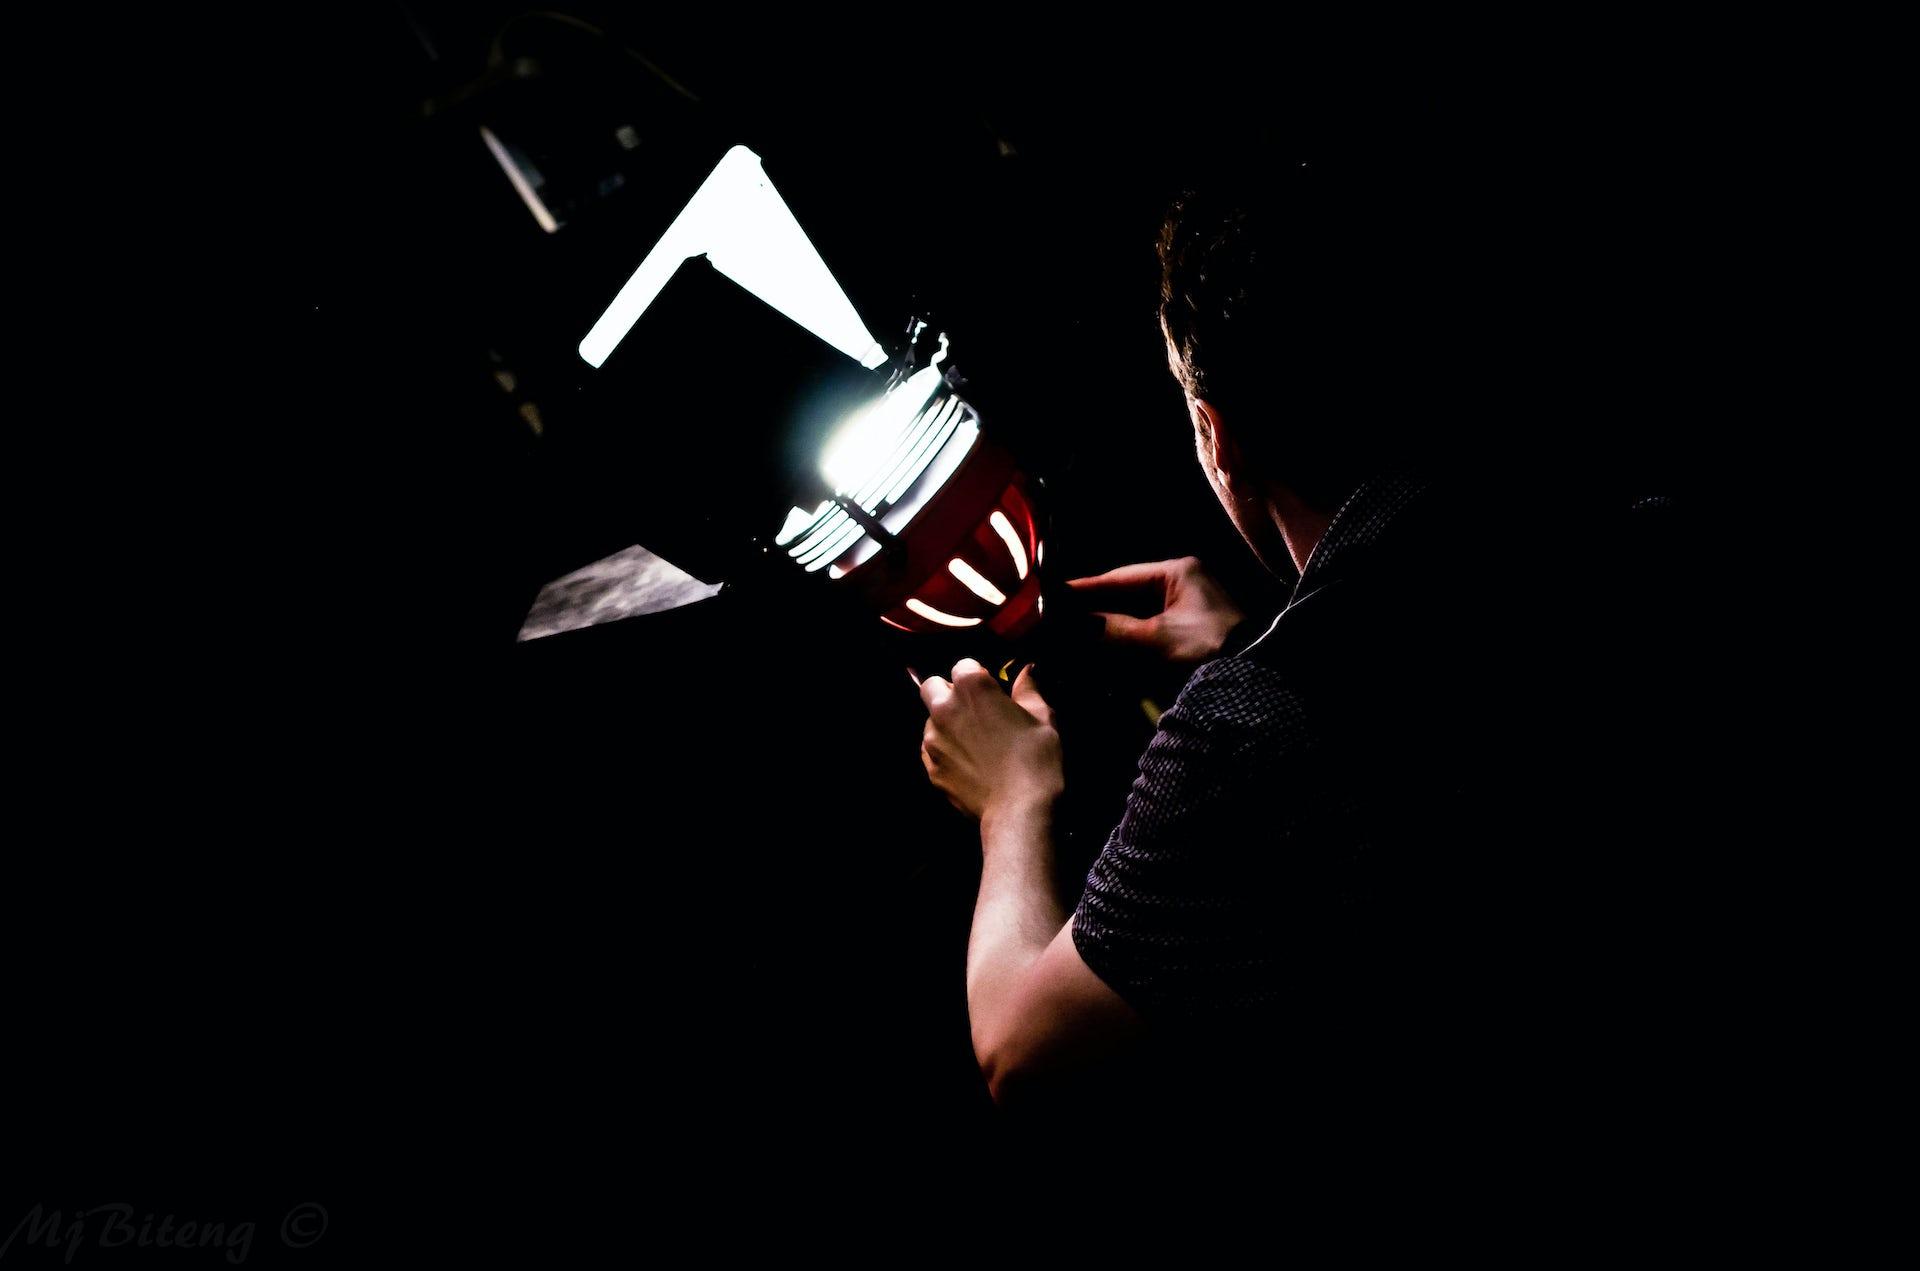 & Explainer: film lighting